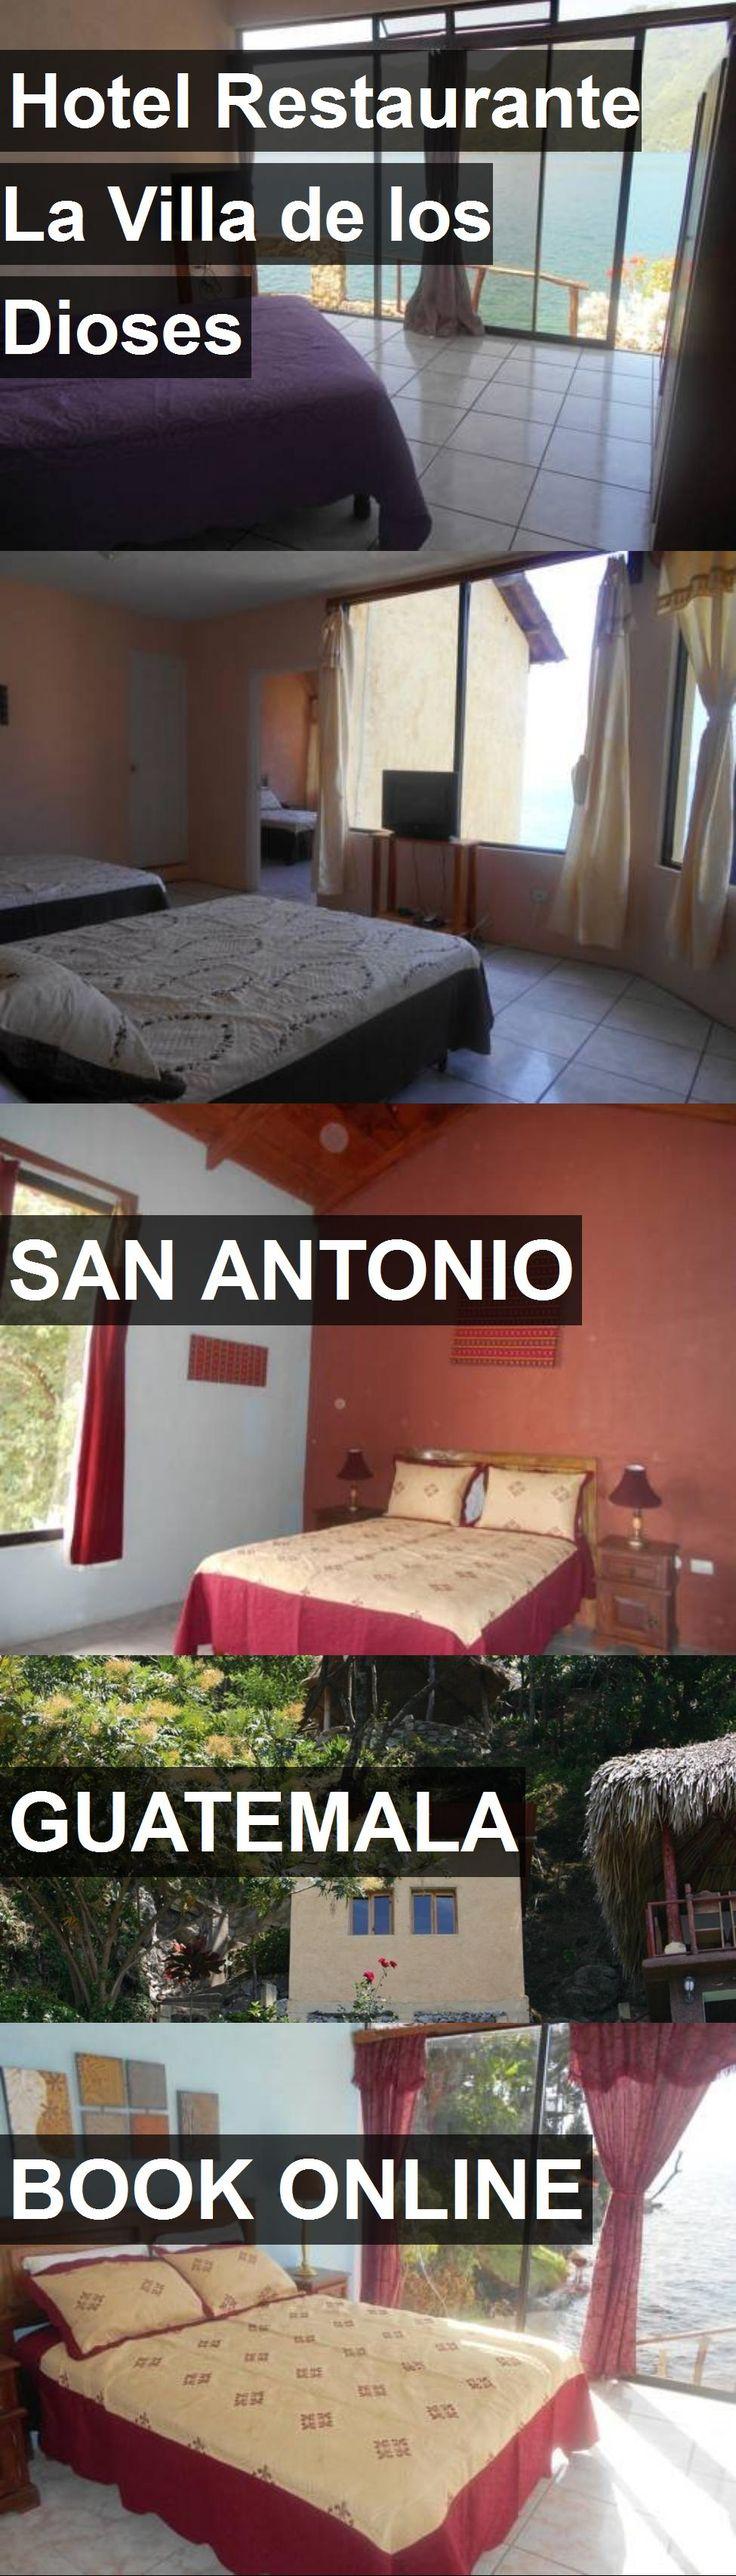 Hotel Restaurante La Villa de los Dioses in San Antonio, Guatemala. For more information, photos, reviews and best prices please follow the link. #Guatemala #SanAntonio #travel #vacation #hotel